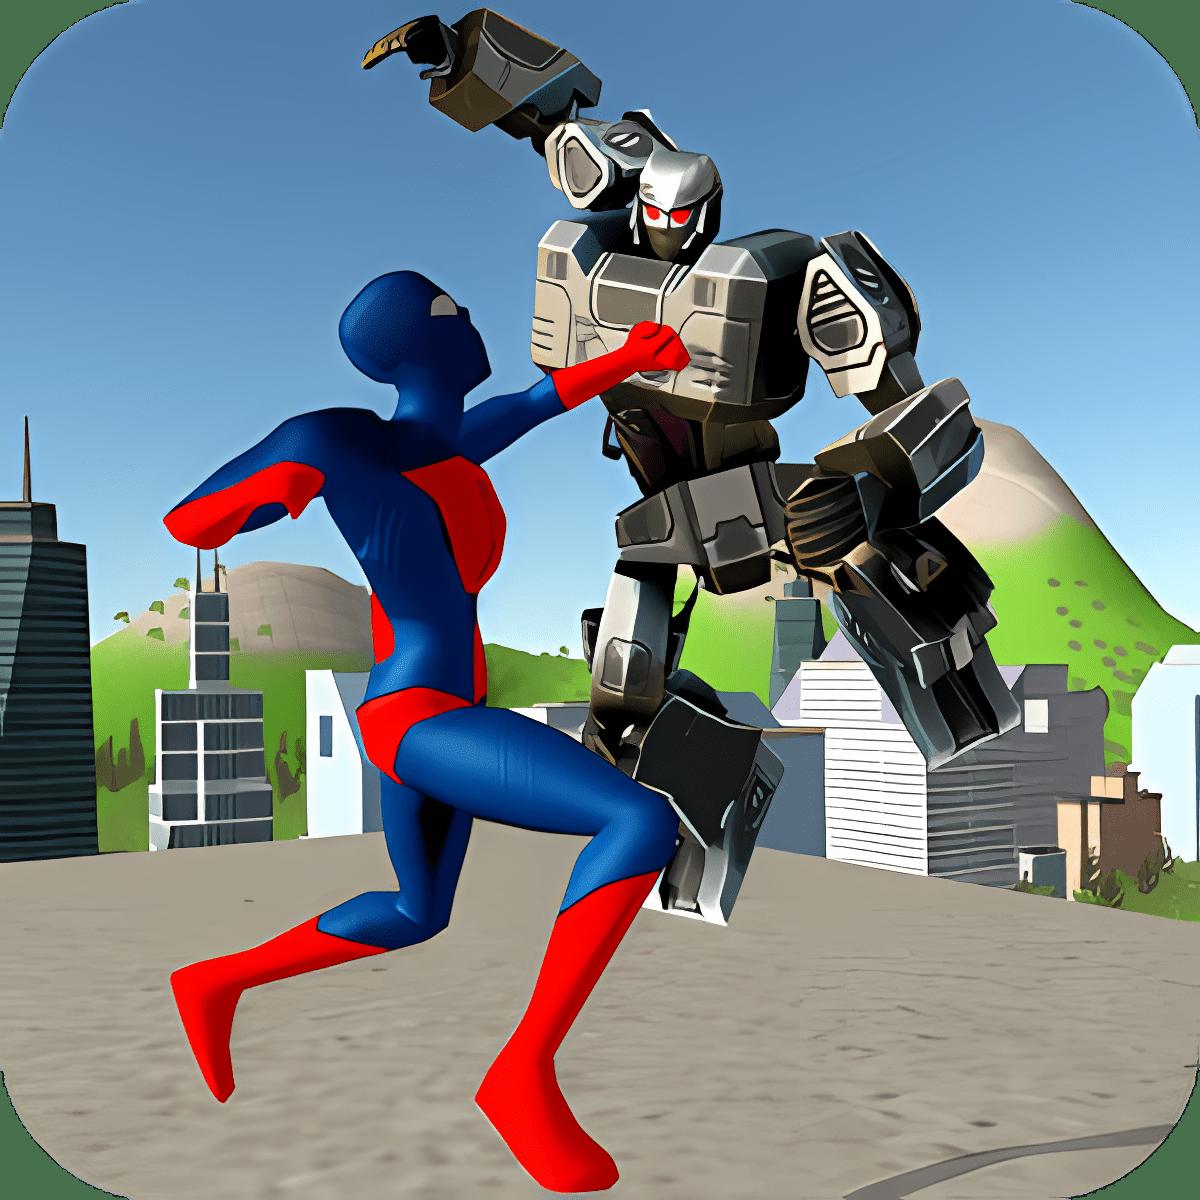 Strange Hero vs Robot X 1.0.0